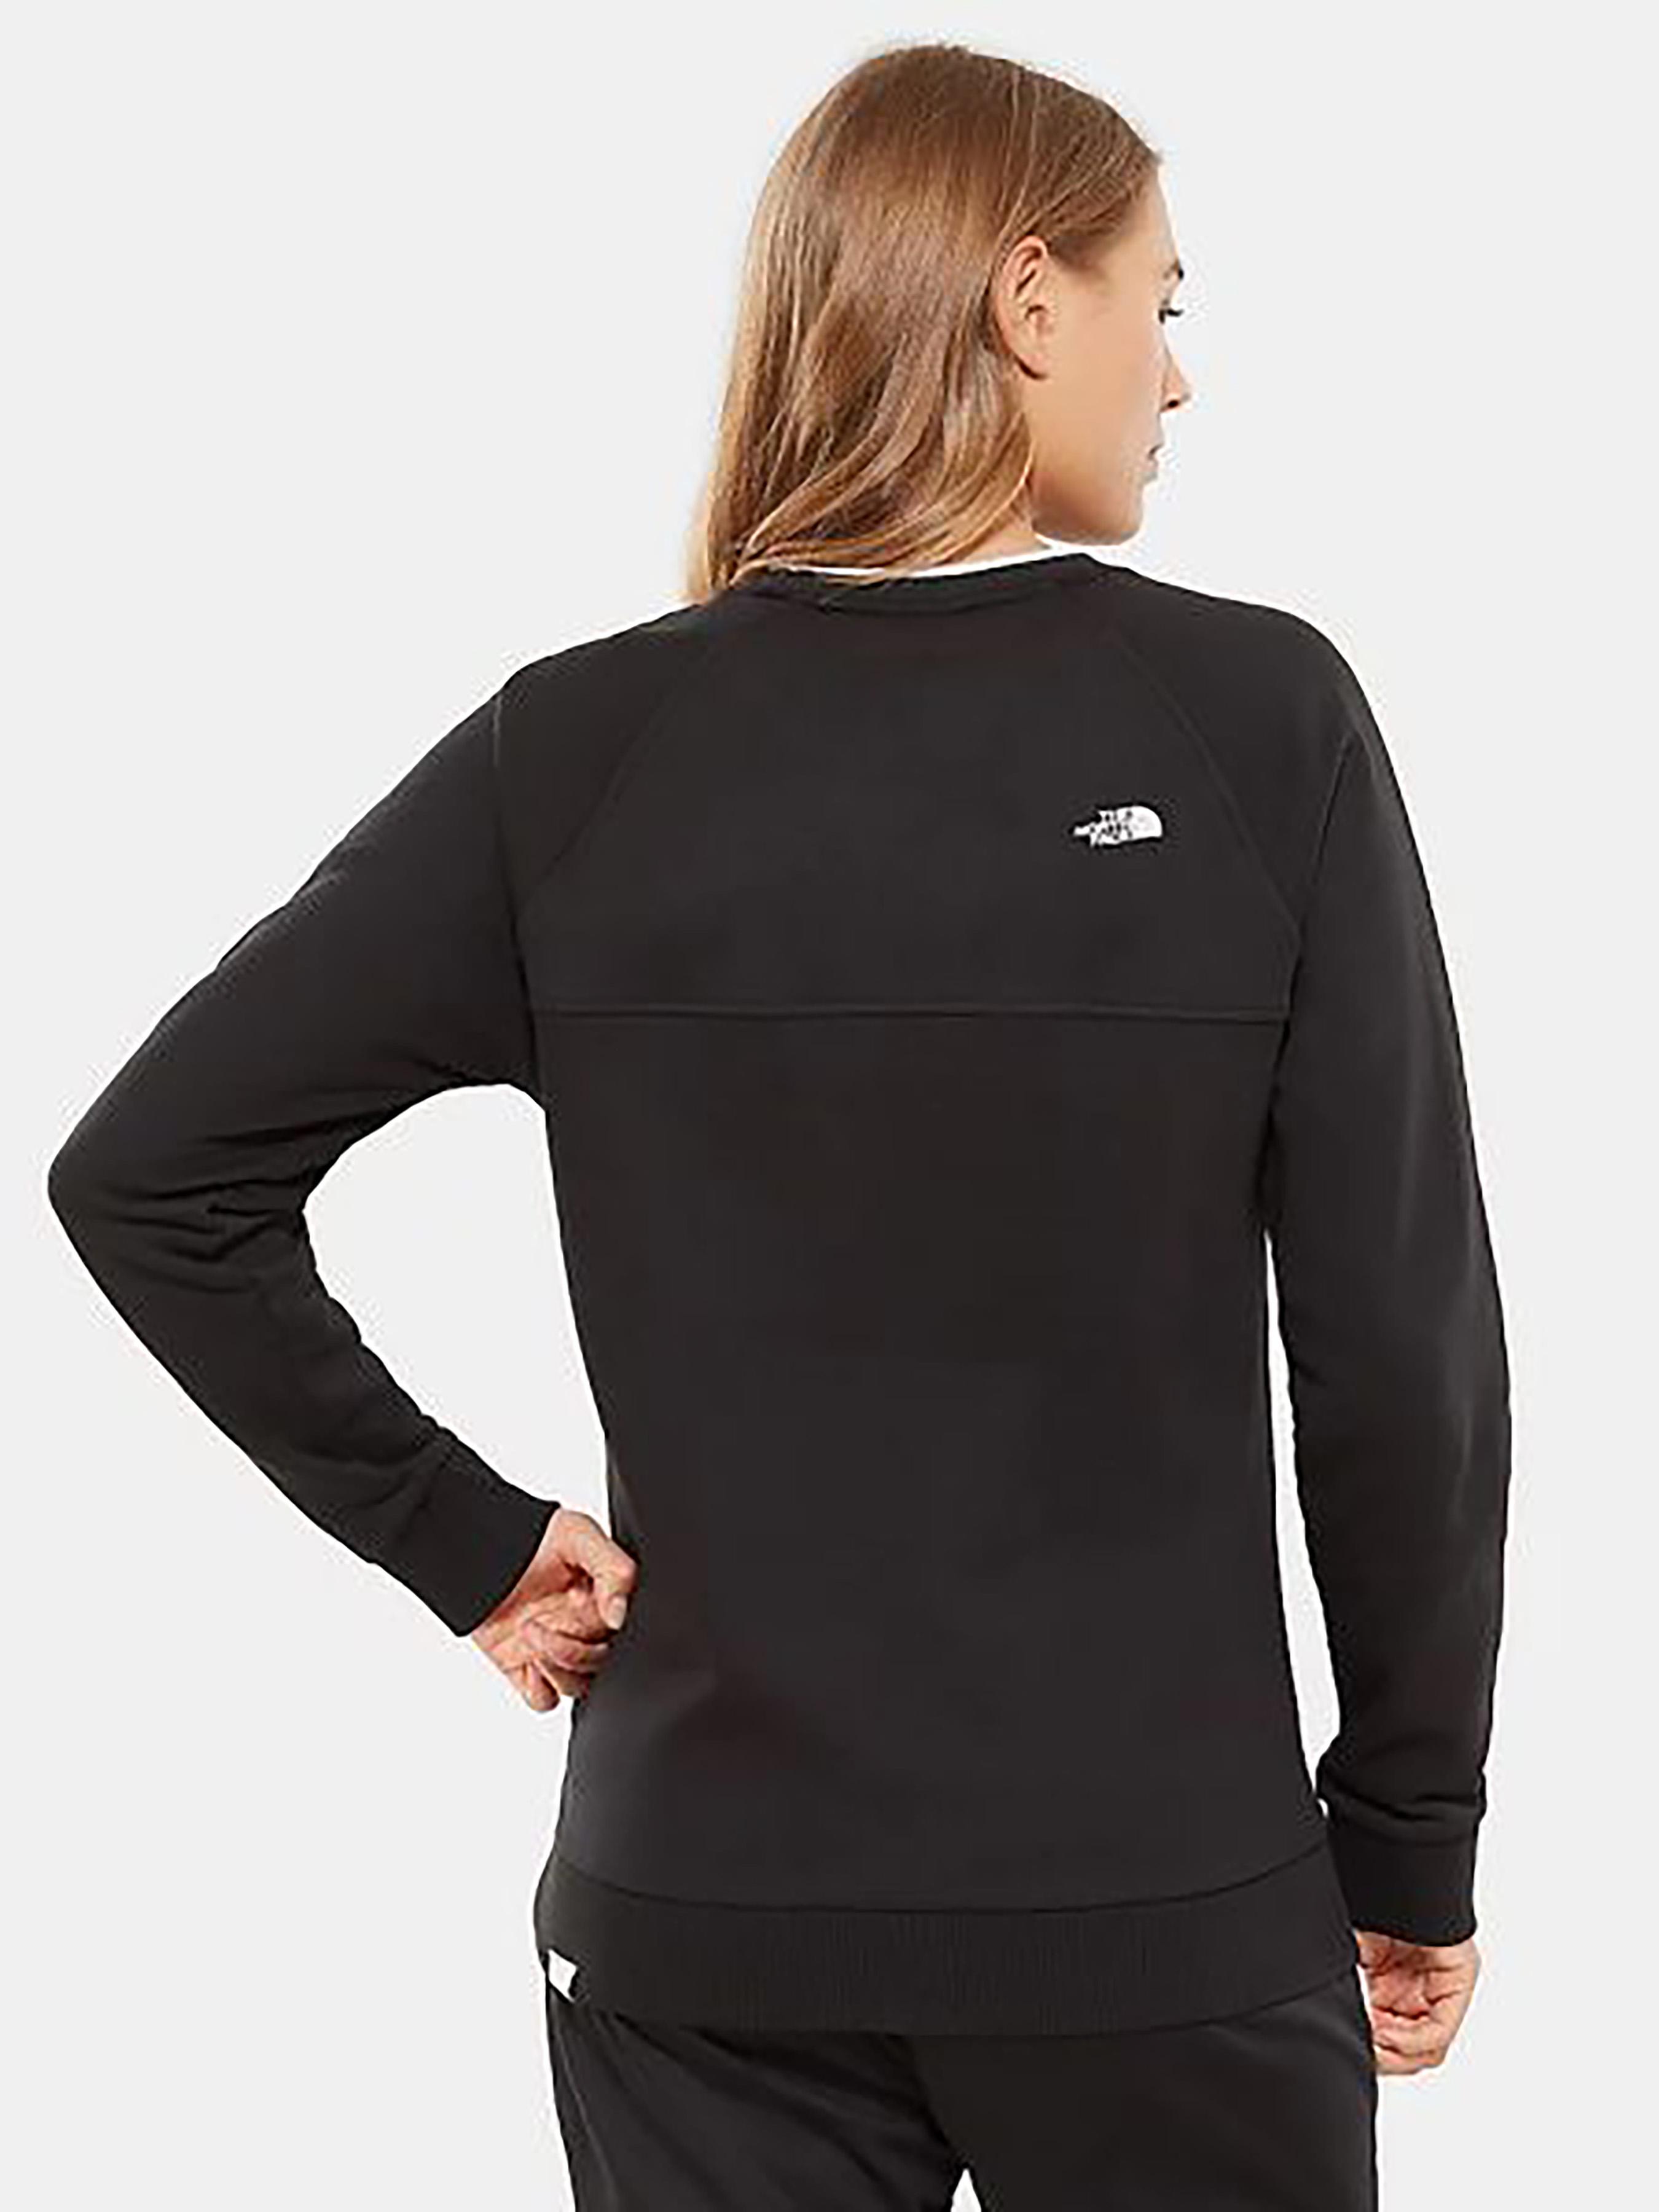 Кофты и свитера женские The North Face модель N1429 приобрести, 2017